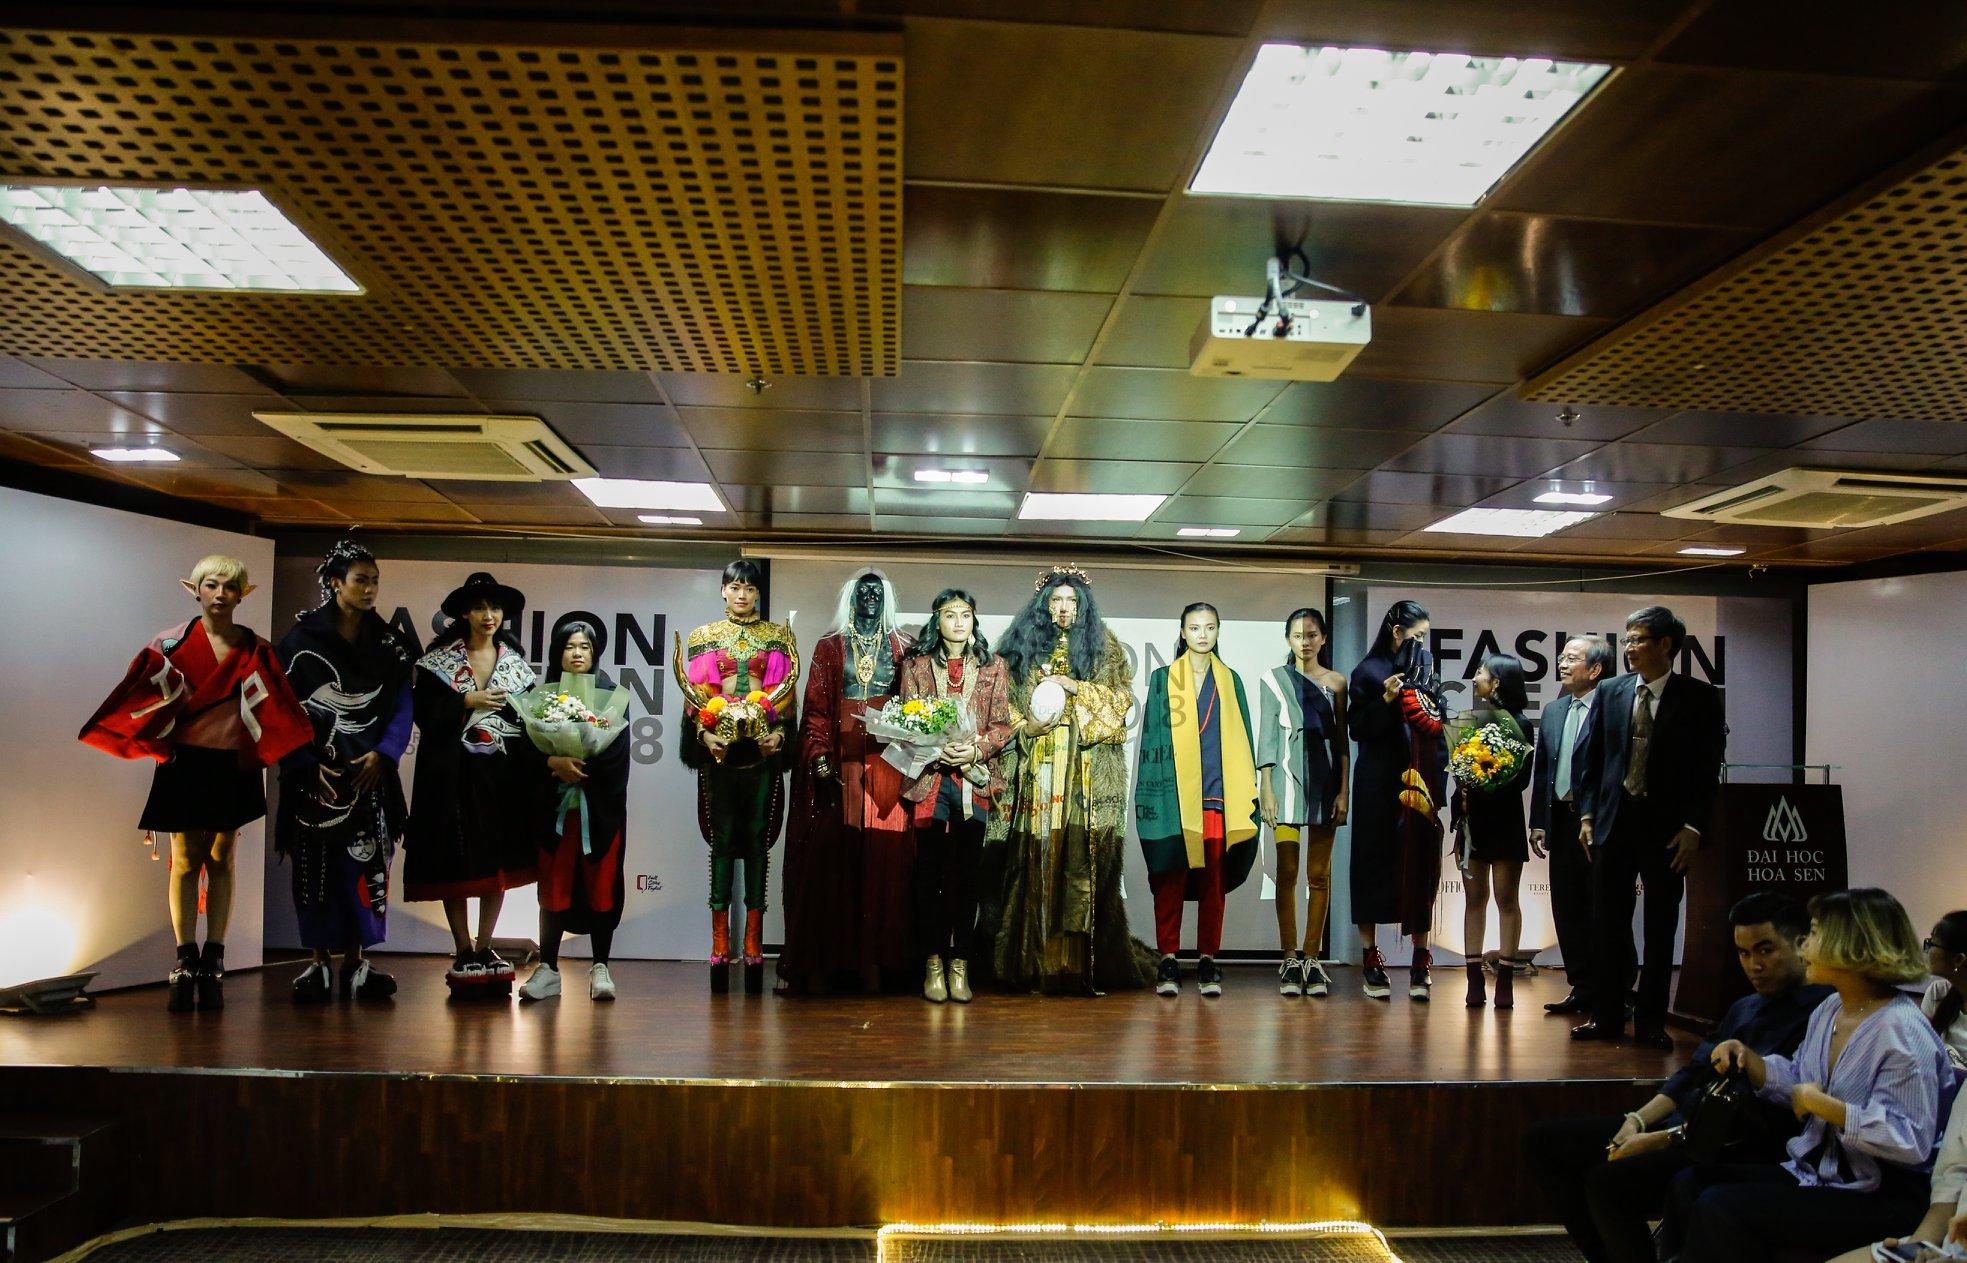 Mãn nhãn với đồ án tốt nghiệp của sinh viên Hoa Sen tại Fashion Creation 2018